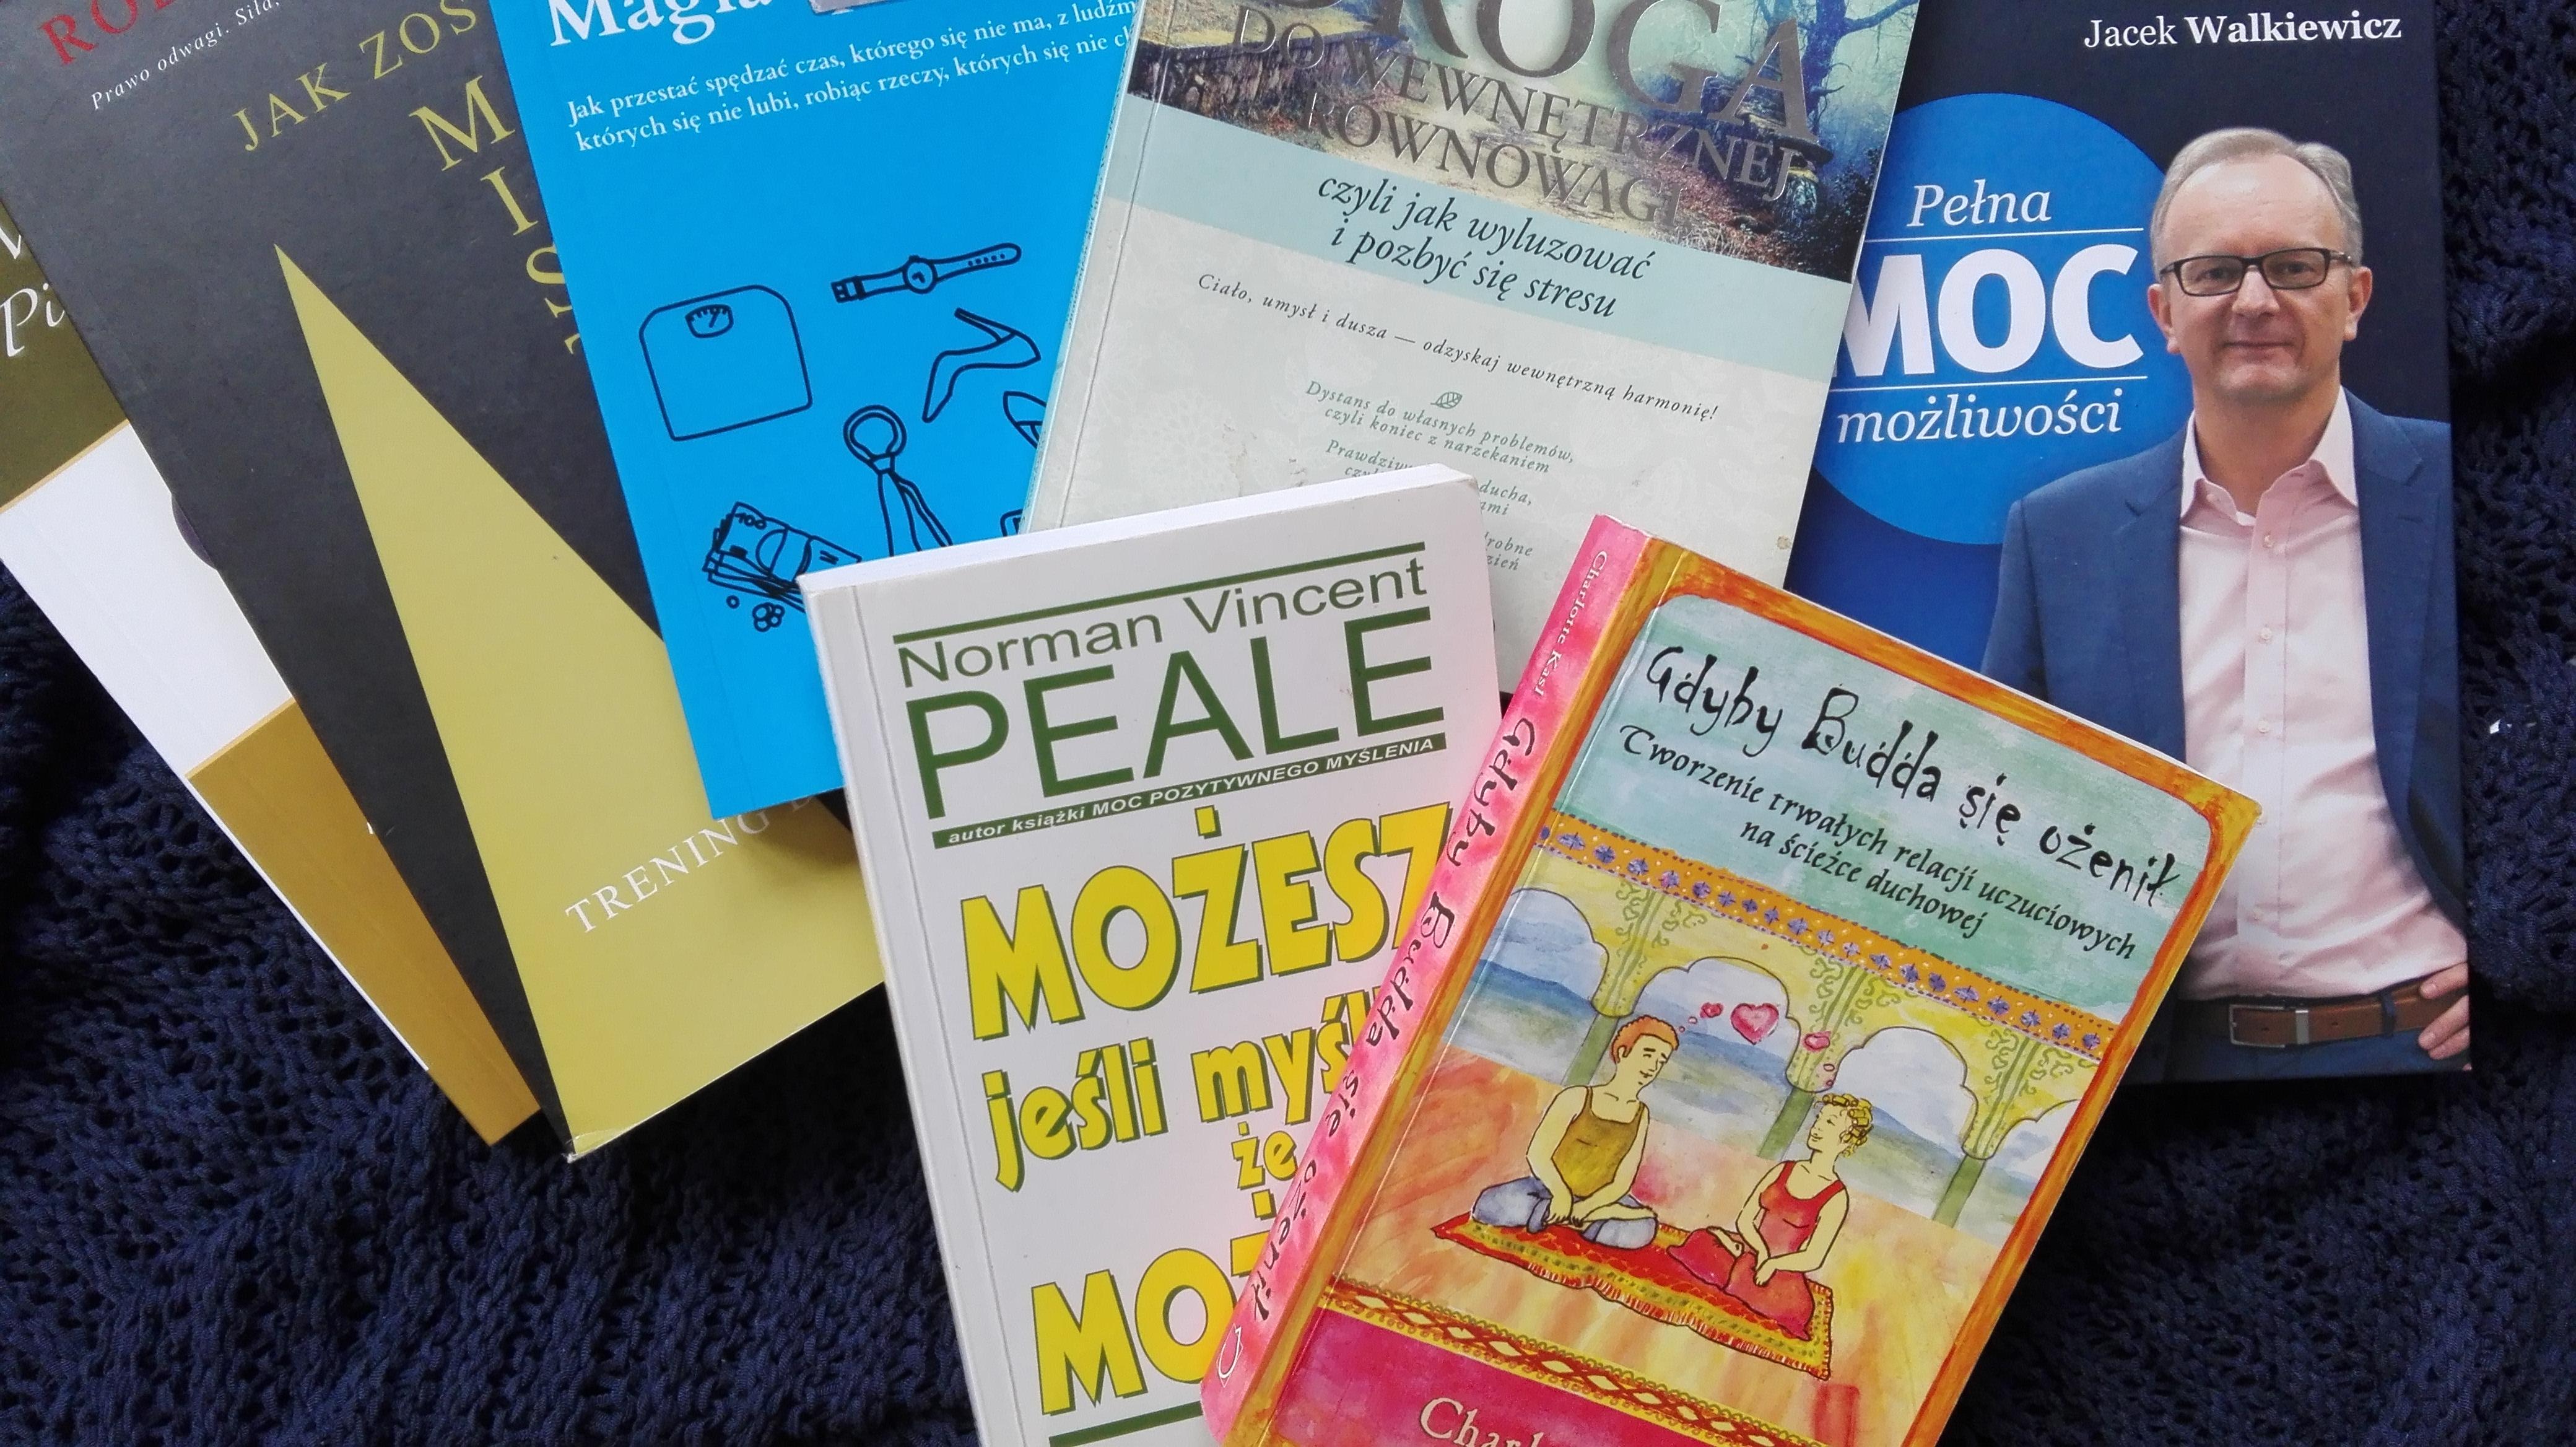 czy warto czytać książki o rozwoju osobistym